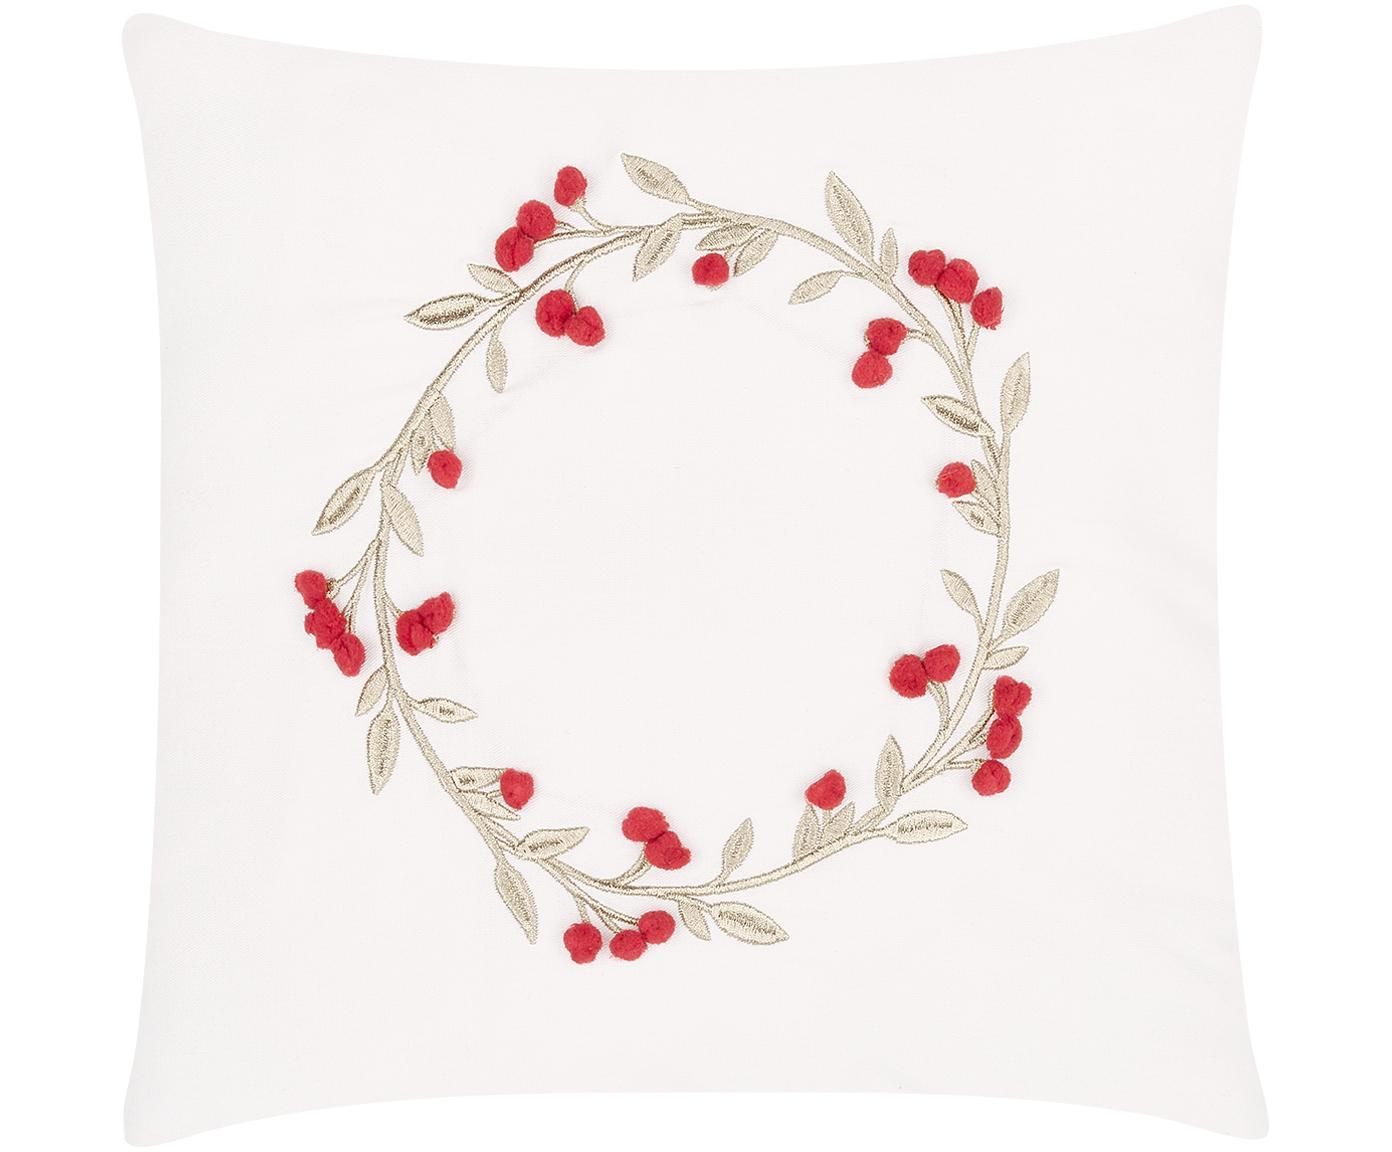 Bestickte Samt-Kissenhülle Christmas Wreath mit verzierenden Bommeln, Cremeweiss, 40 x 40 cm